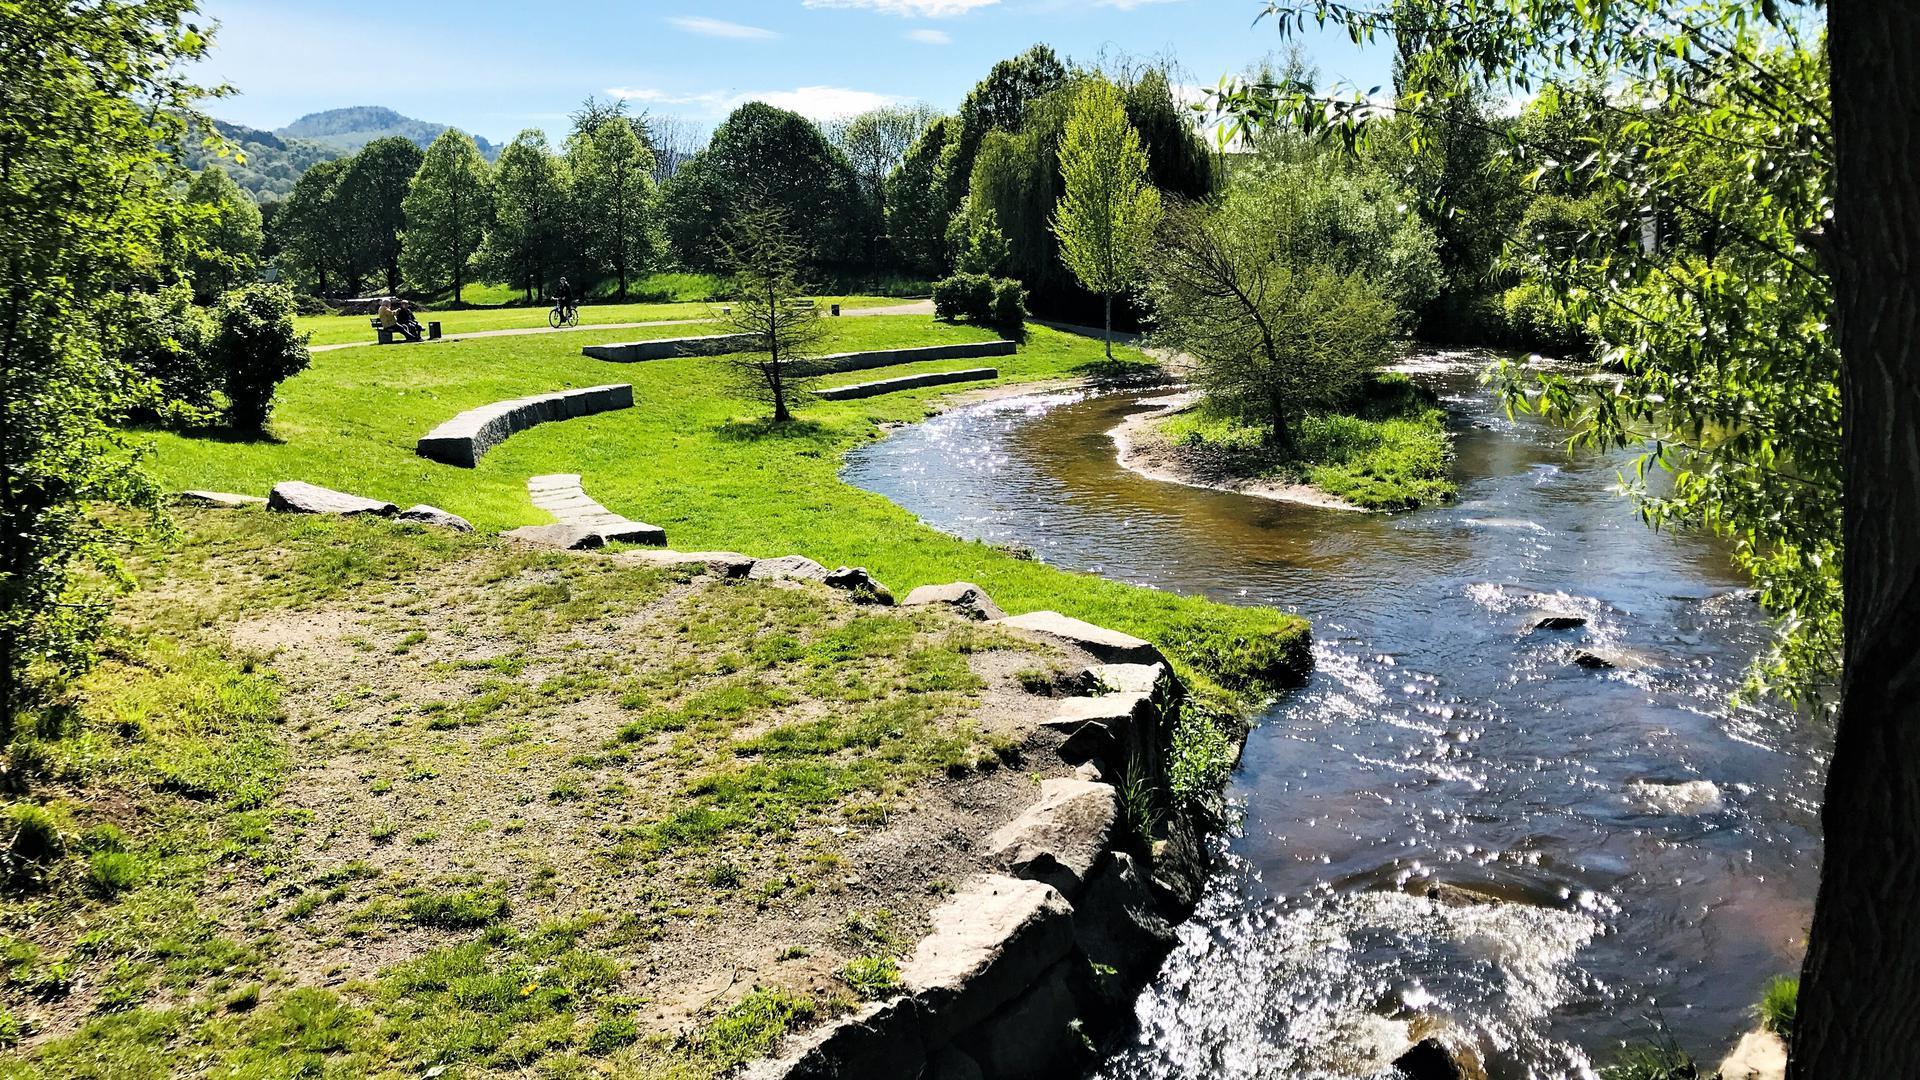 Ein Ort zum Entspannen ist der Wörthböschelpark in Baden-Baden. Die Grünanlage entstand zur Landesgartenschau im Jahr 1981 und soll jetzt aufgewertet werden.